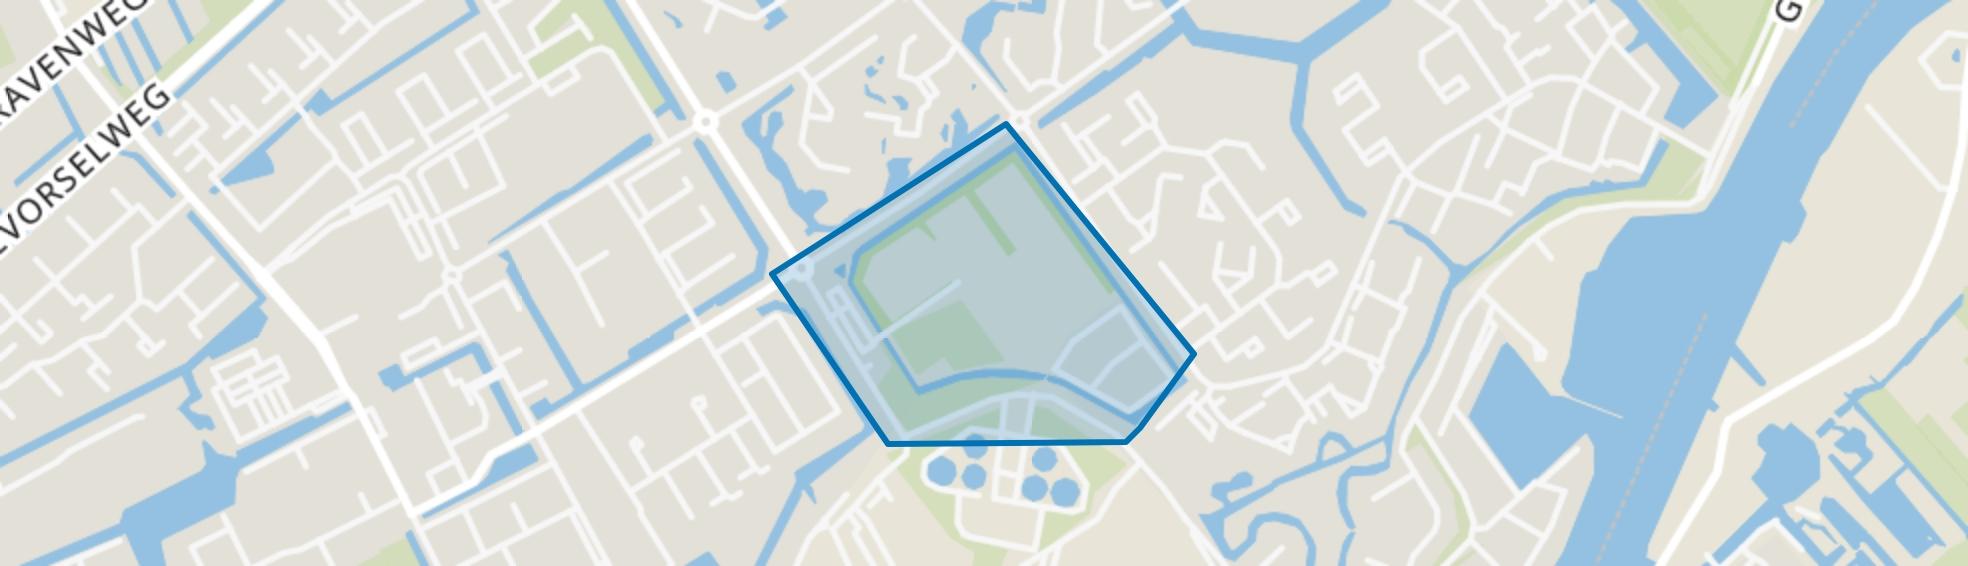 Couwenhoek, Capelle aan den IJssel map